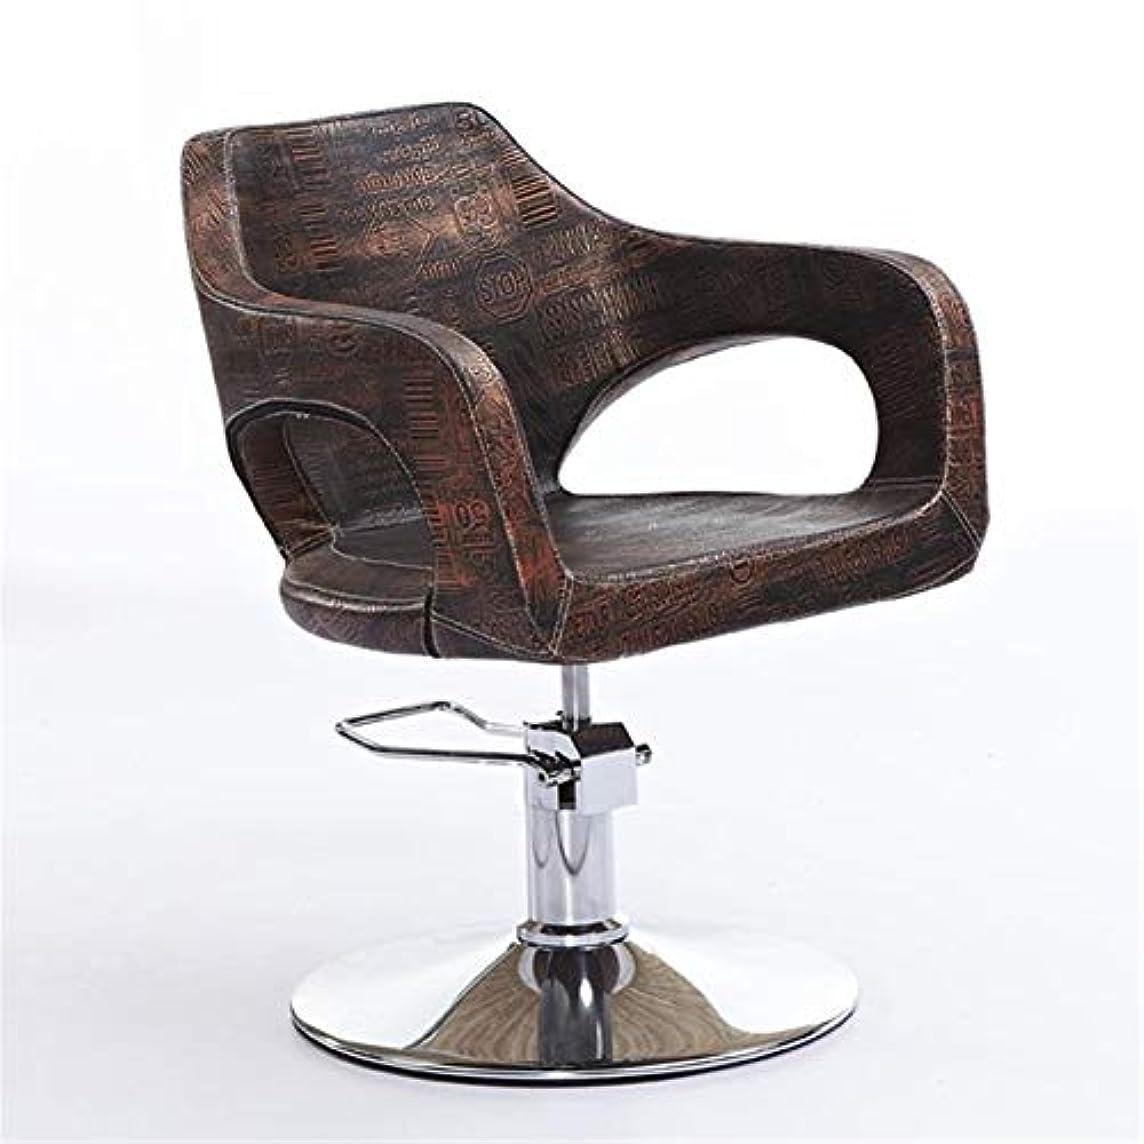 獣高潔な豊富なサロンチェアファッションヘアサロンチェア美容ヘアカットチェア油圧理髪チェア調節可能な高さ特別なヘアサロン機器,D